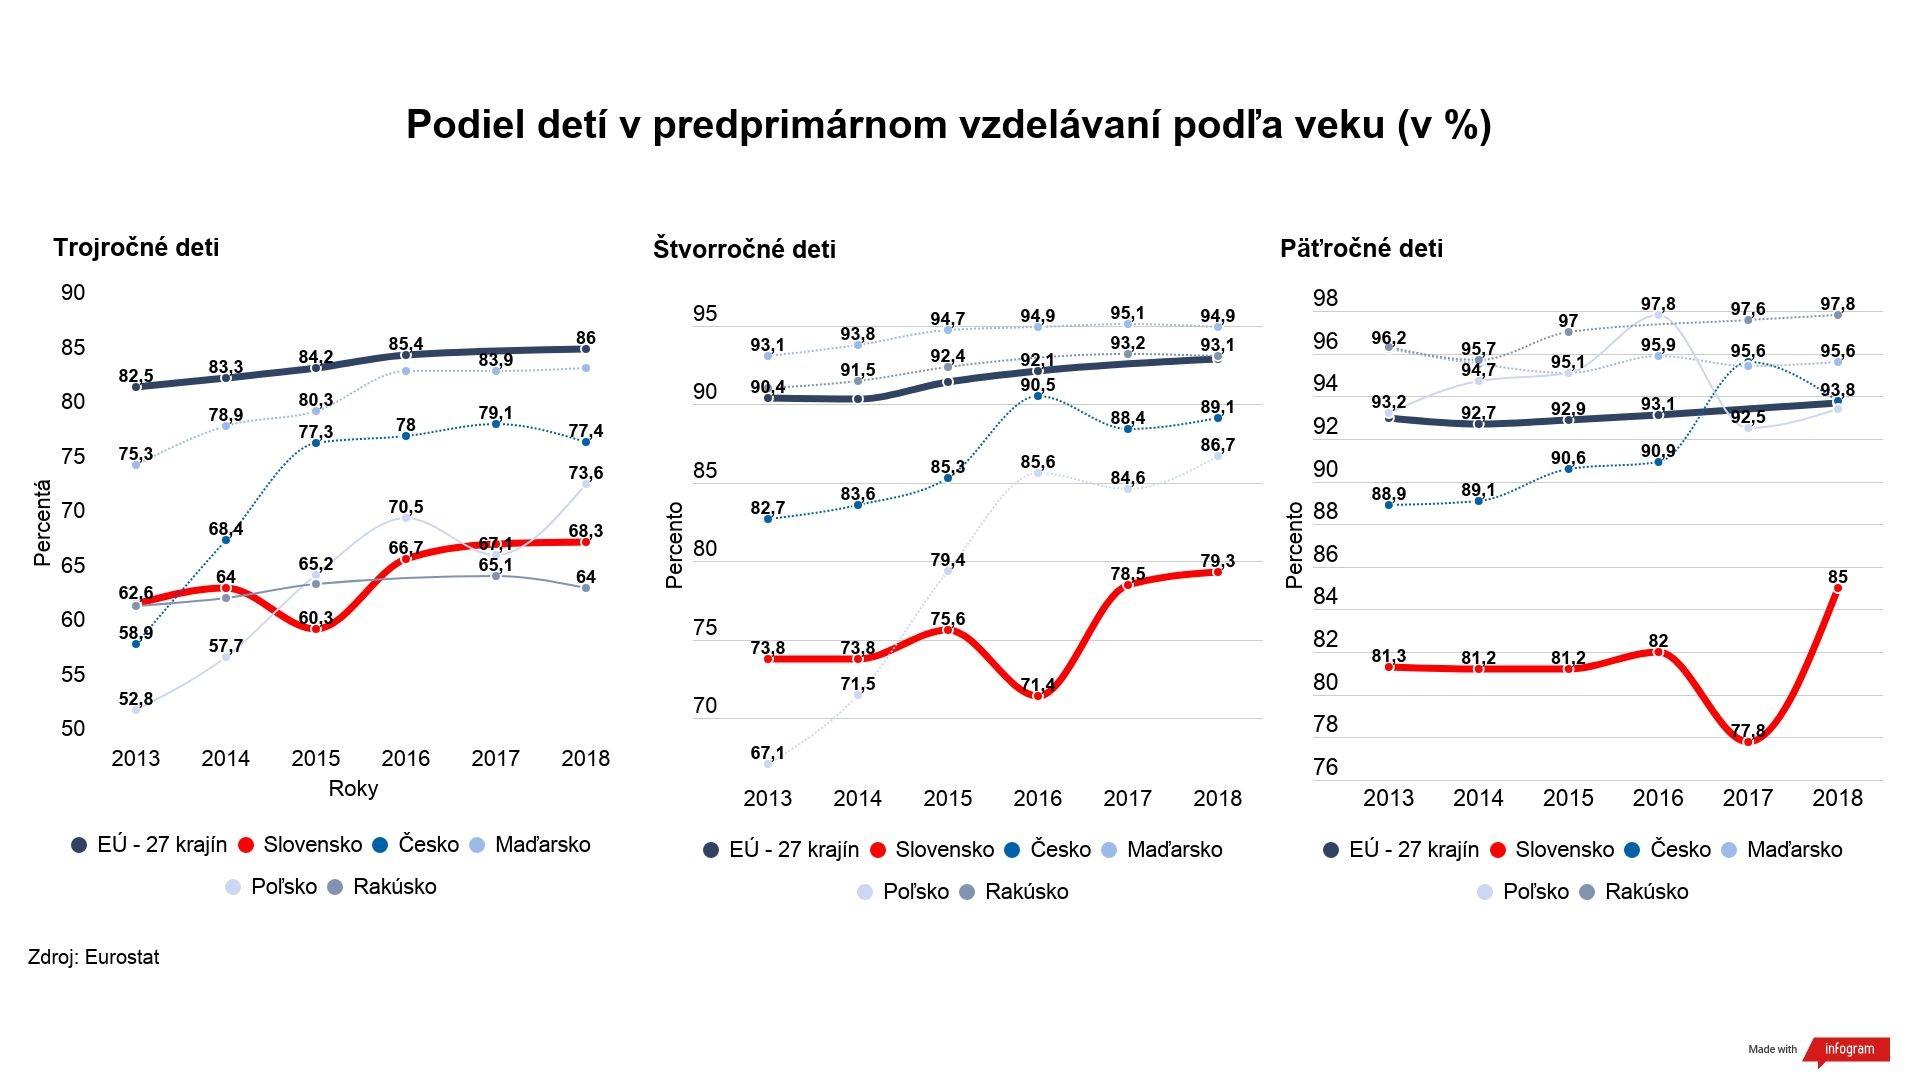 Graf - podiel detí v predprimárnom vzdelávaní podľa veku